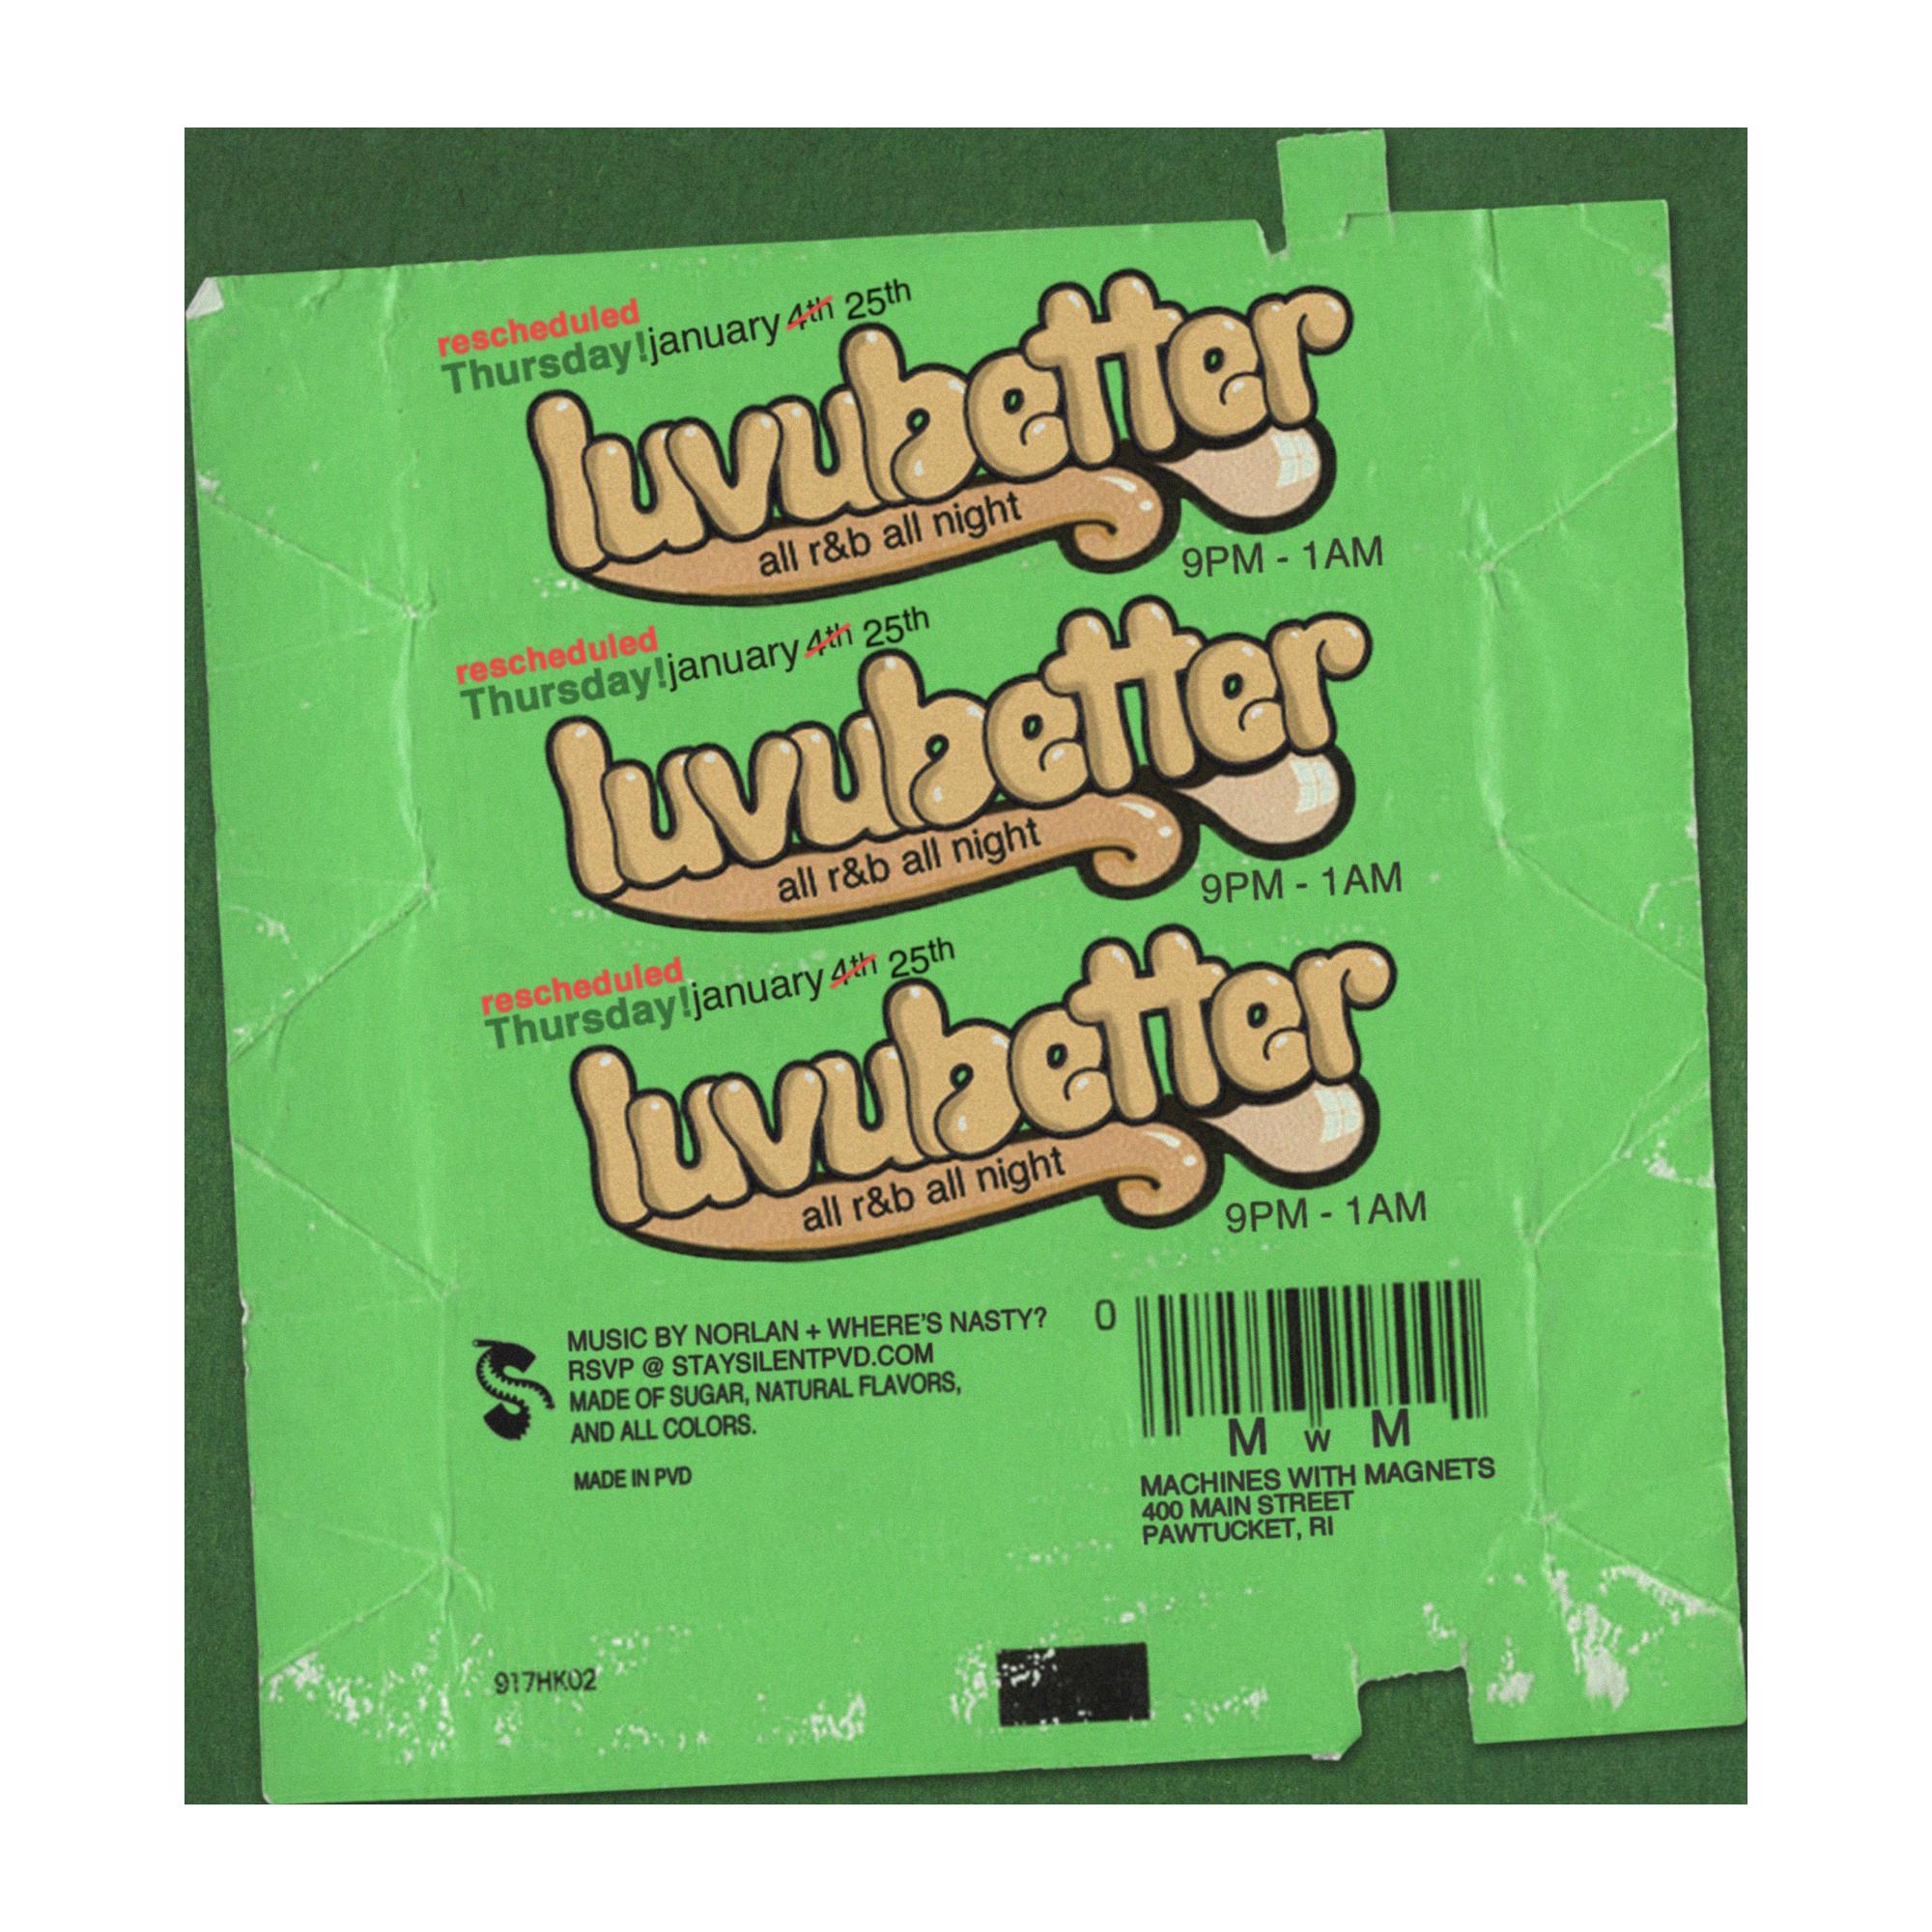 2018_luvubetter_v1.png